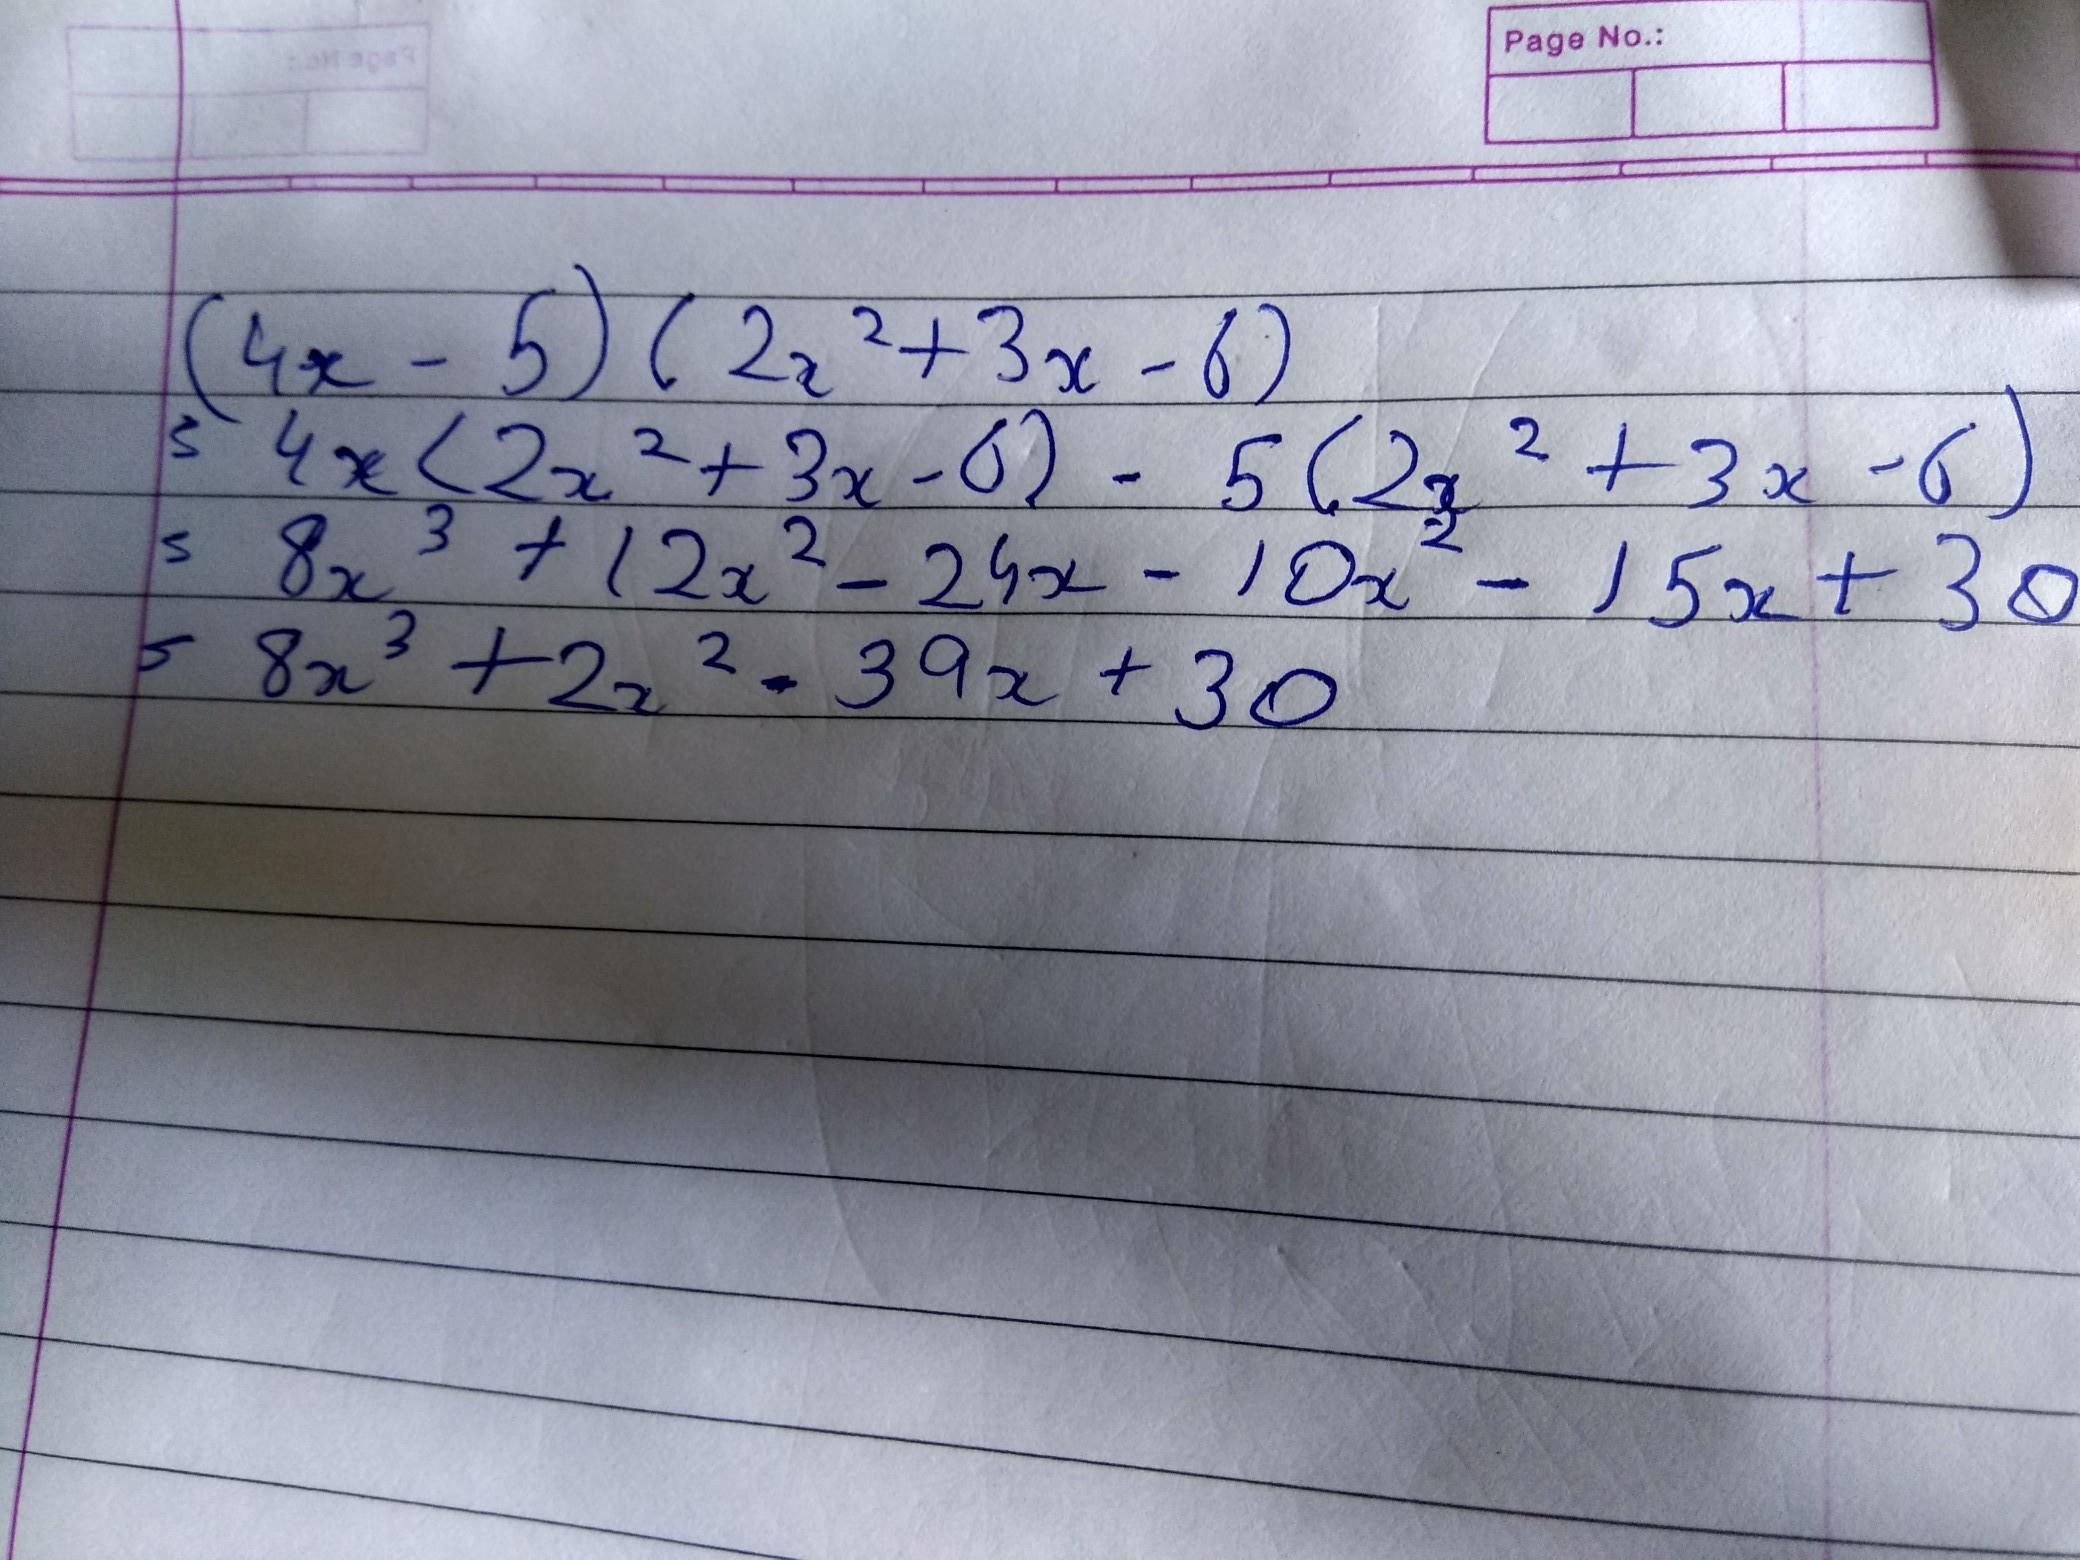 find 4x 5 2x